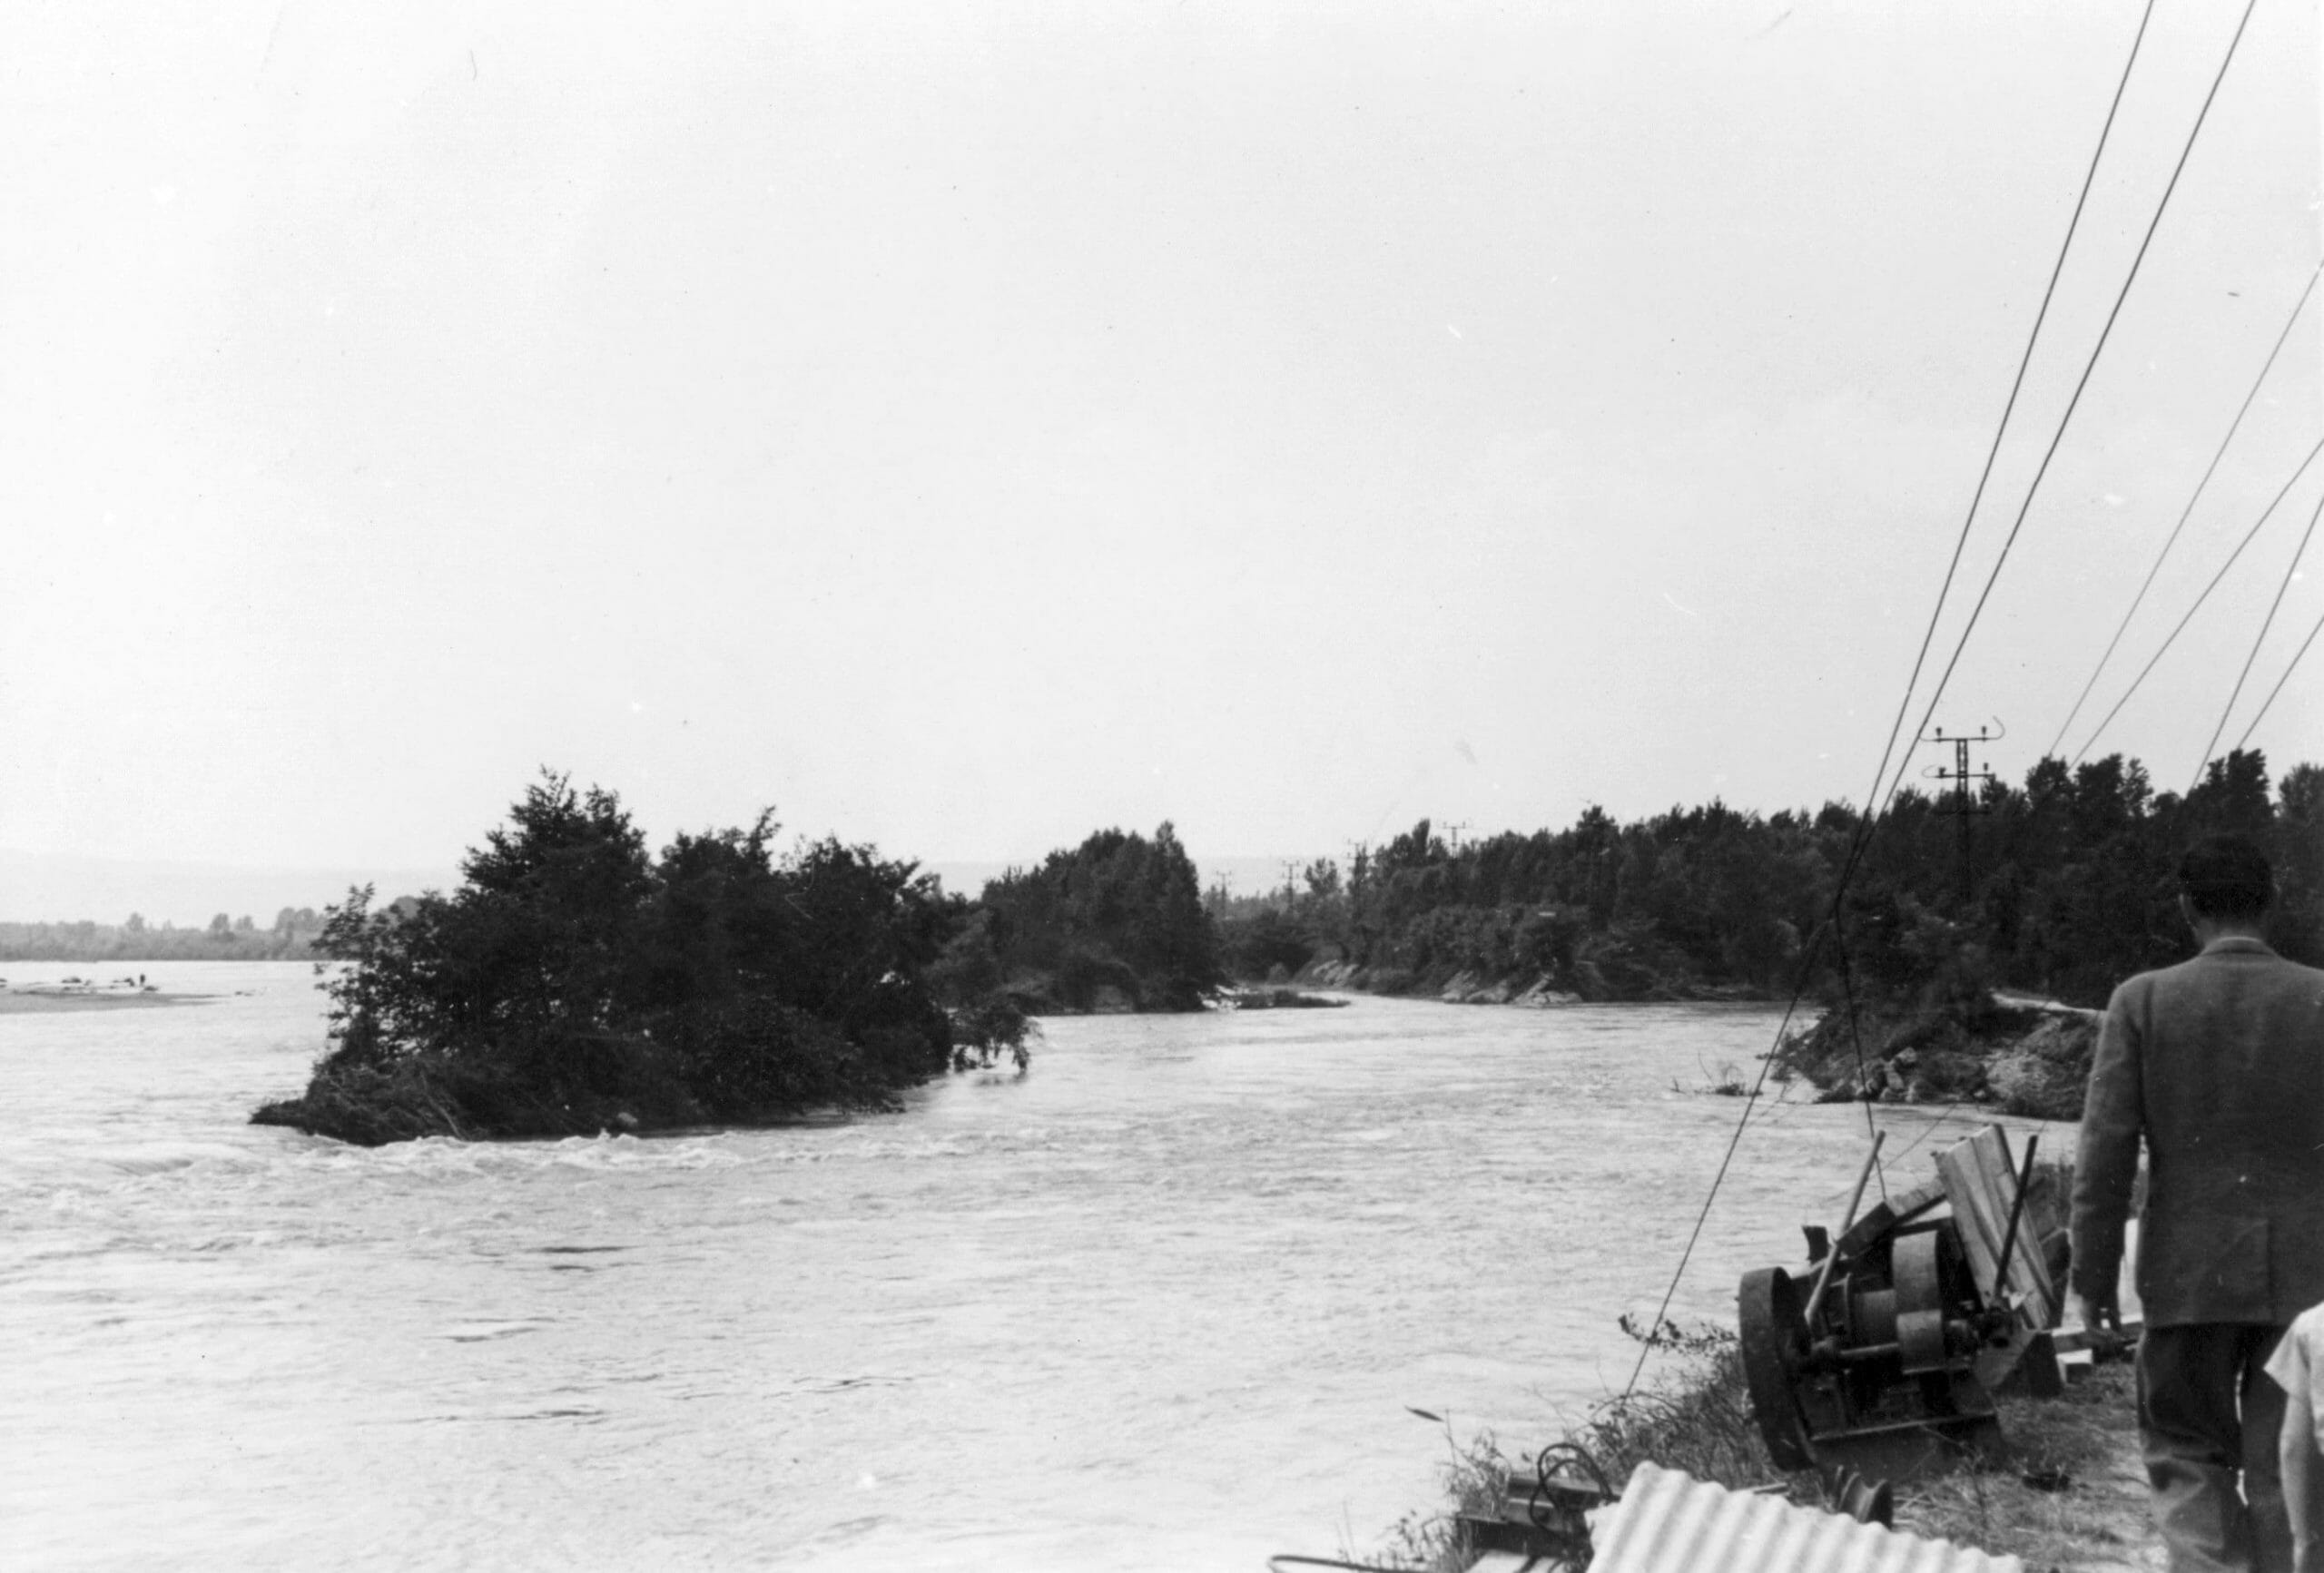 BRECHE PALLUEL 2 CRUE 1948